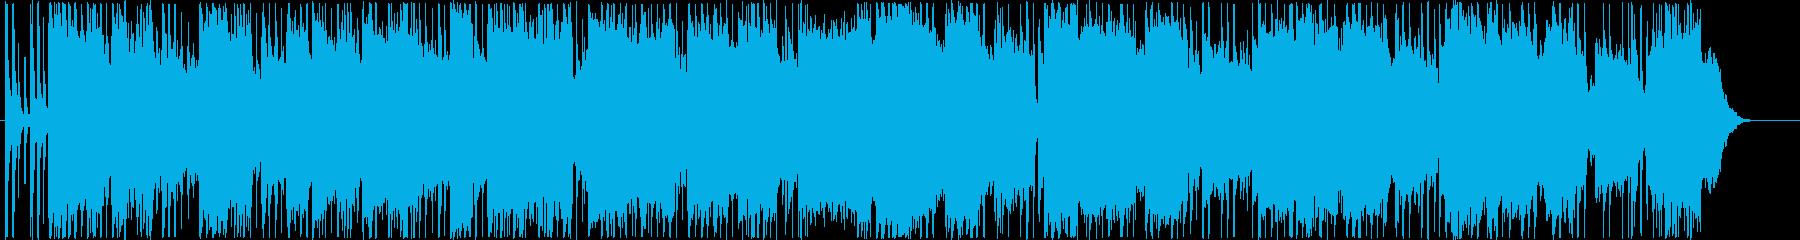 メタル 積極的 焦り 神経質 燃え...の再生済みの波形